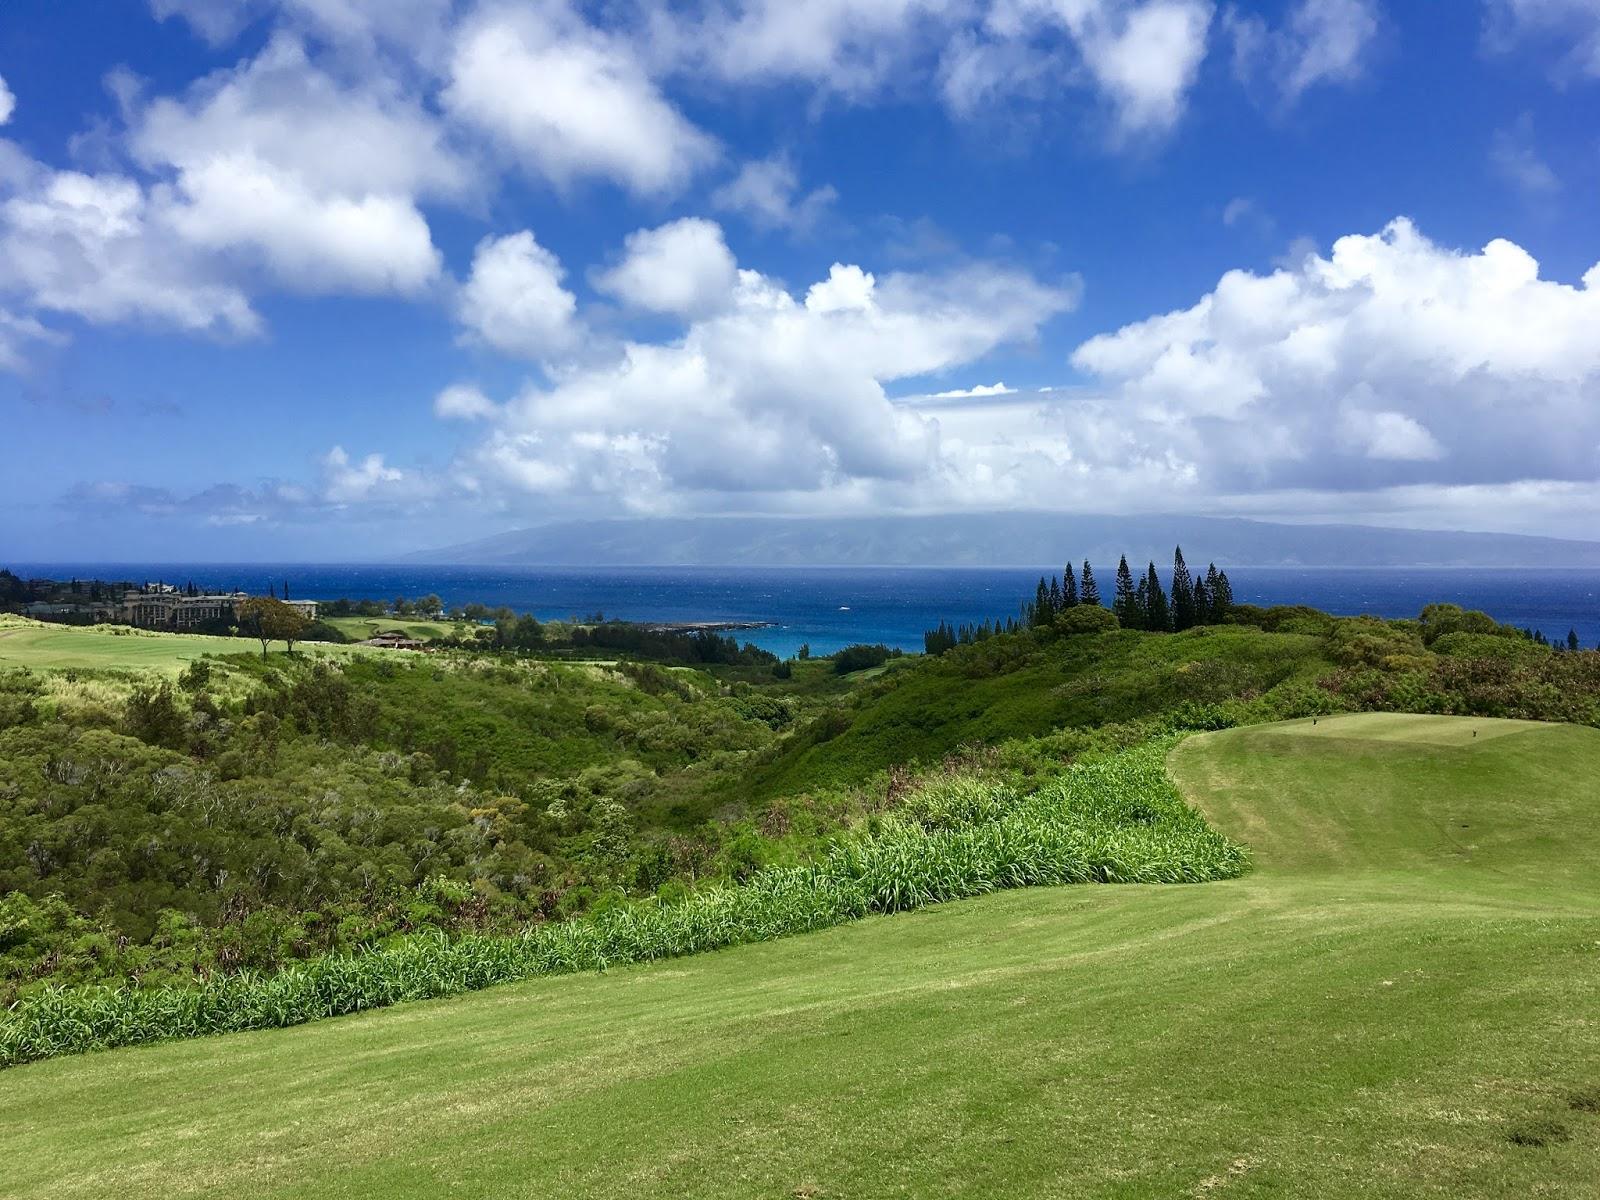 TASTE OF HAWAII: THE PLANTATION COURSE - KAPALUA, MAUI